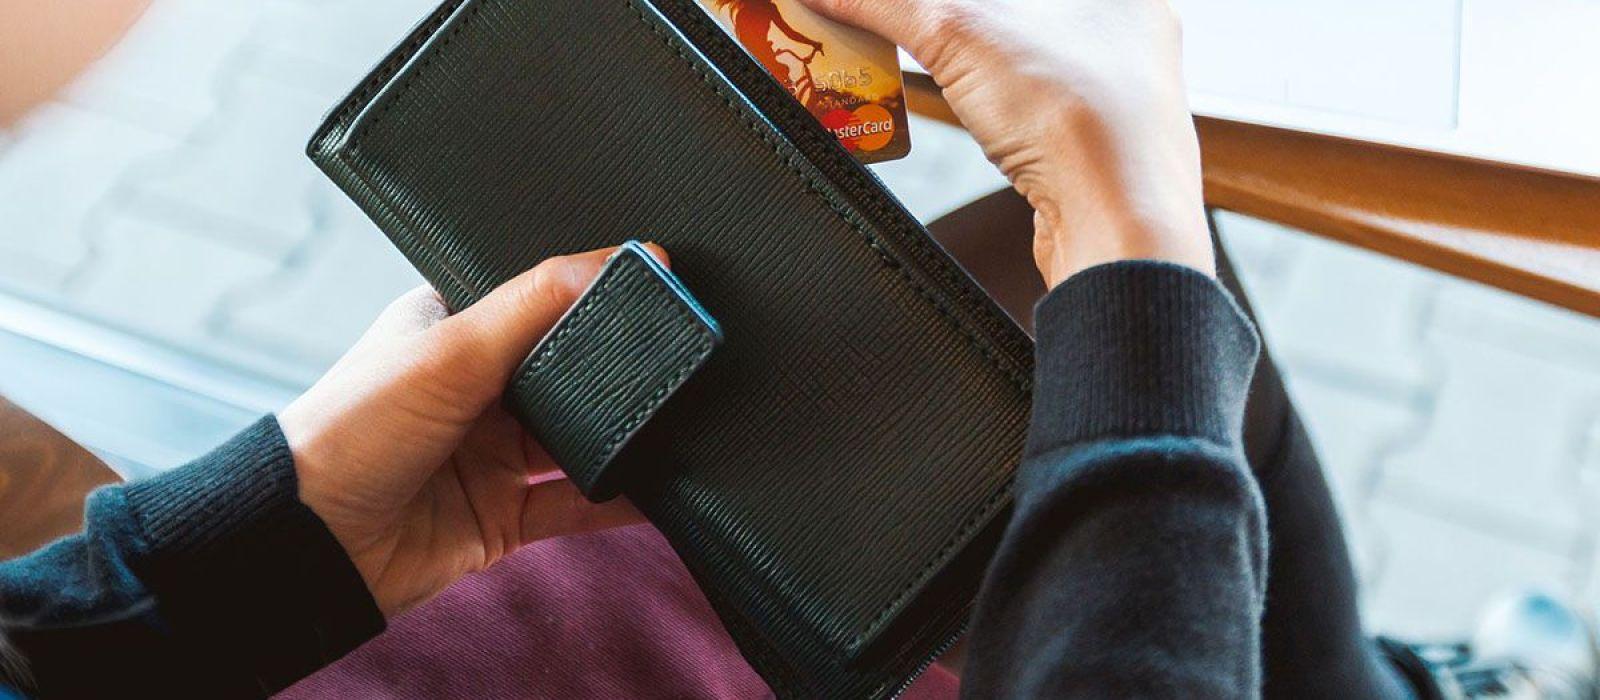 Geld besparen doe je zo: de vier beste tips van de maand